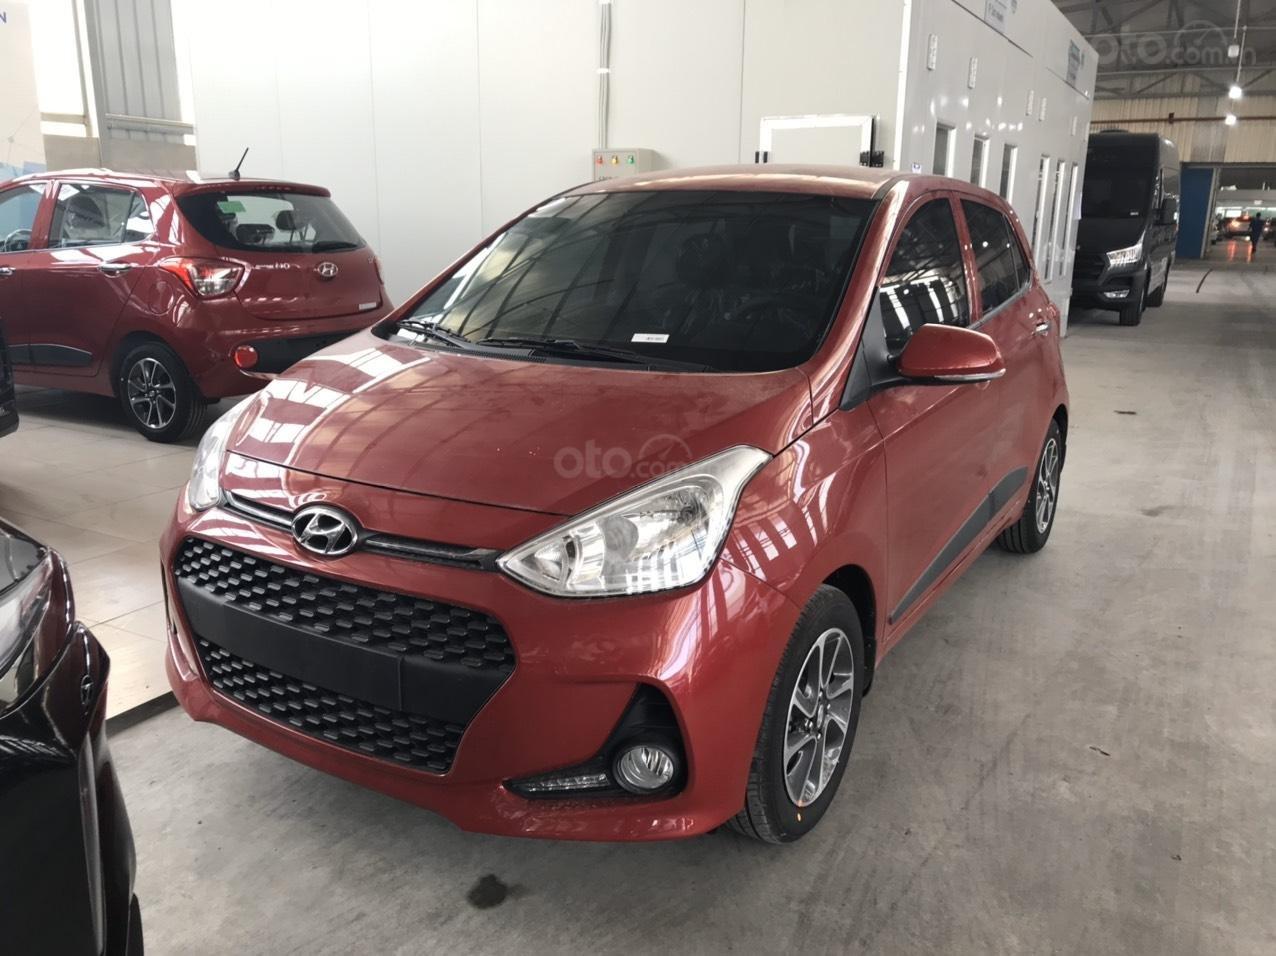 Cần bán Hyundai Grand i10 đời 2020, màu đỏ, xe mới 100%, sx trong nước, hỗ trợ trả góp tới 80% (3)